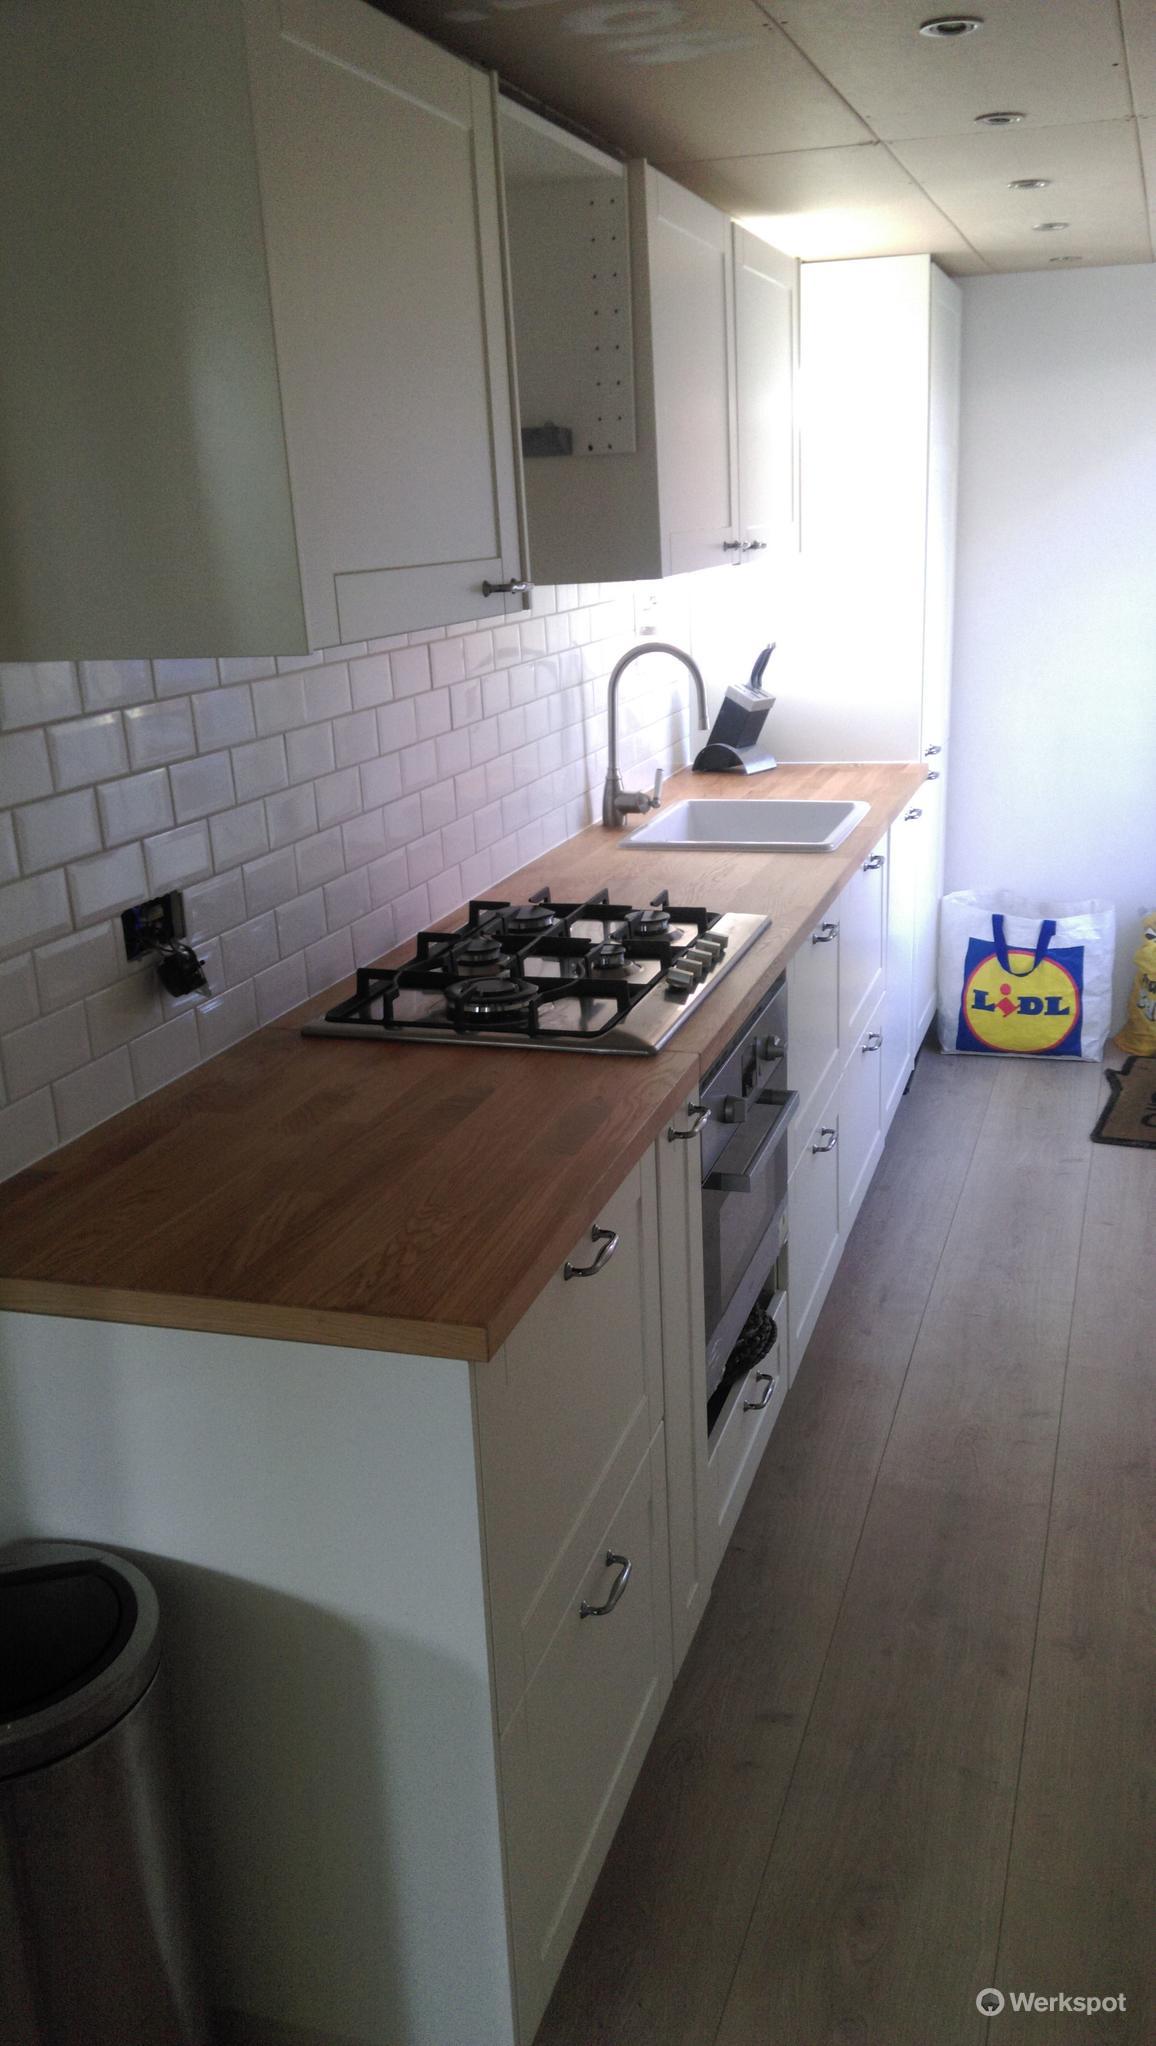 keuken wandtegels plaatsen prijs : Metro Tegels Plaatsen Keuken Werkspot